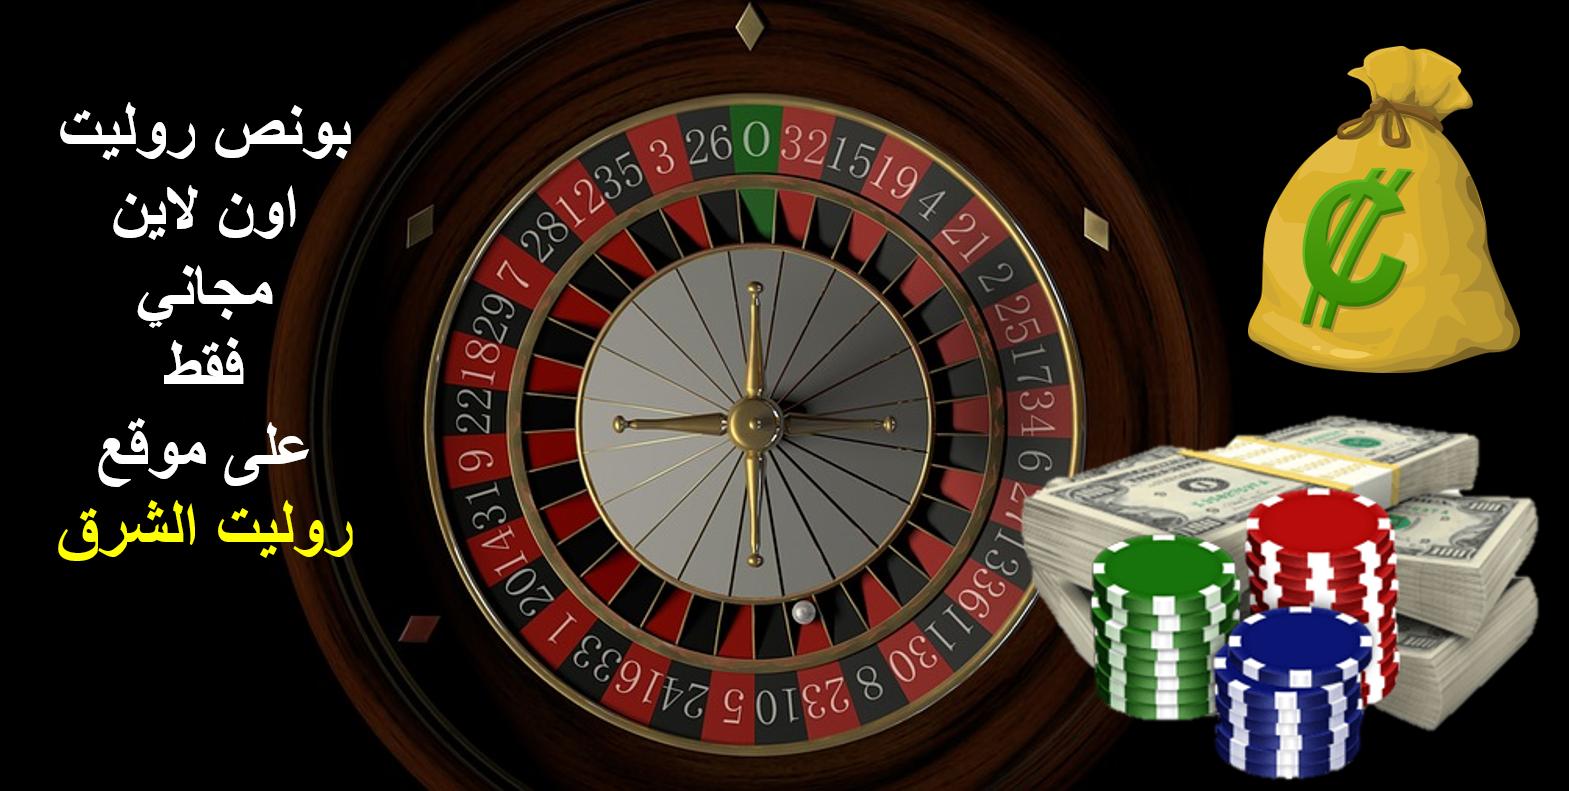 لعب 354910